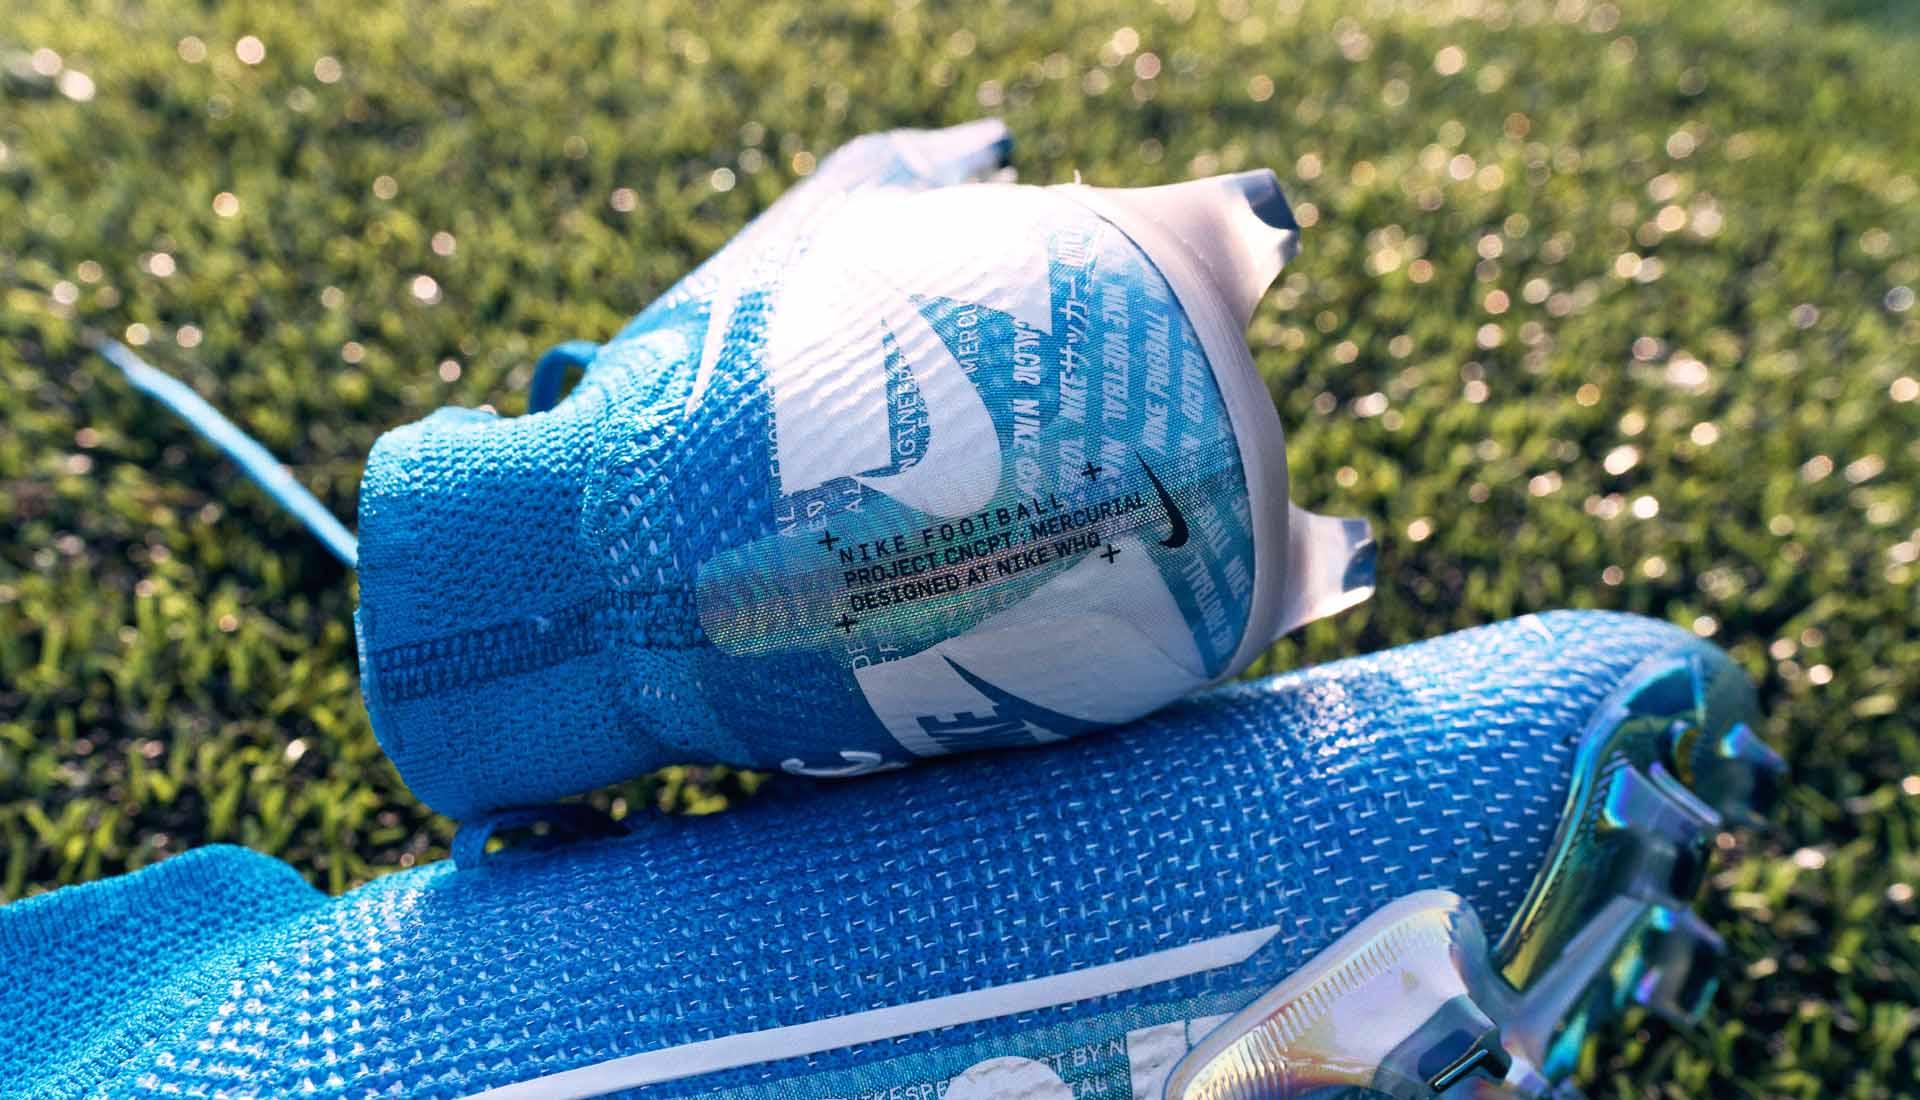 Giày đá banh chính hãng. Giày đá banh Nike. Nike Mercurial superfly 7.